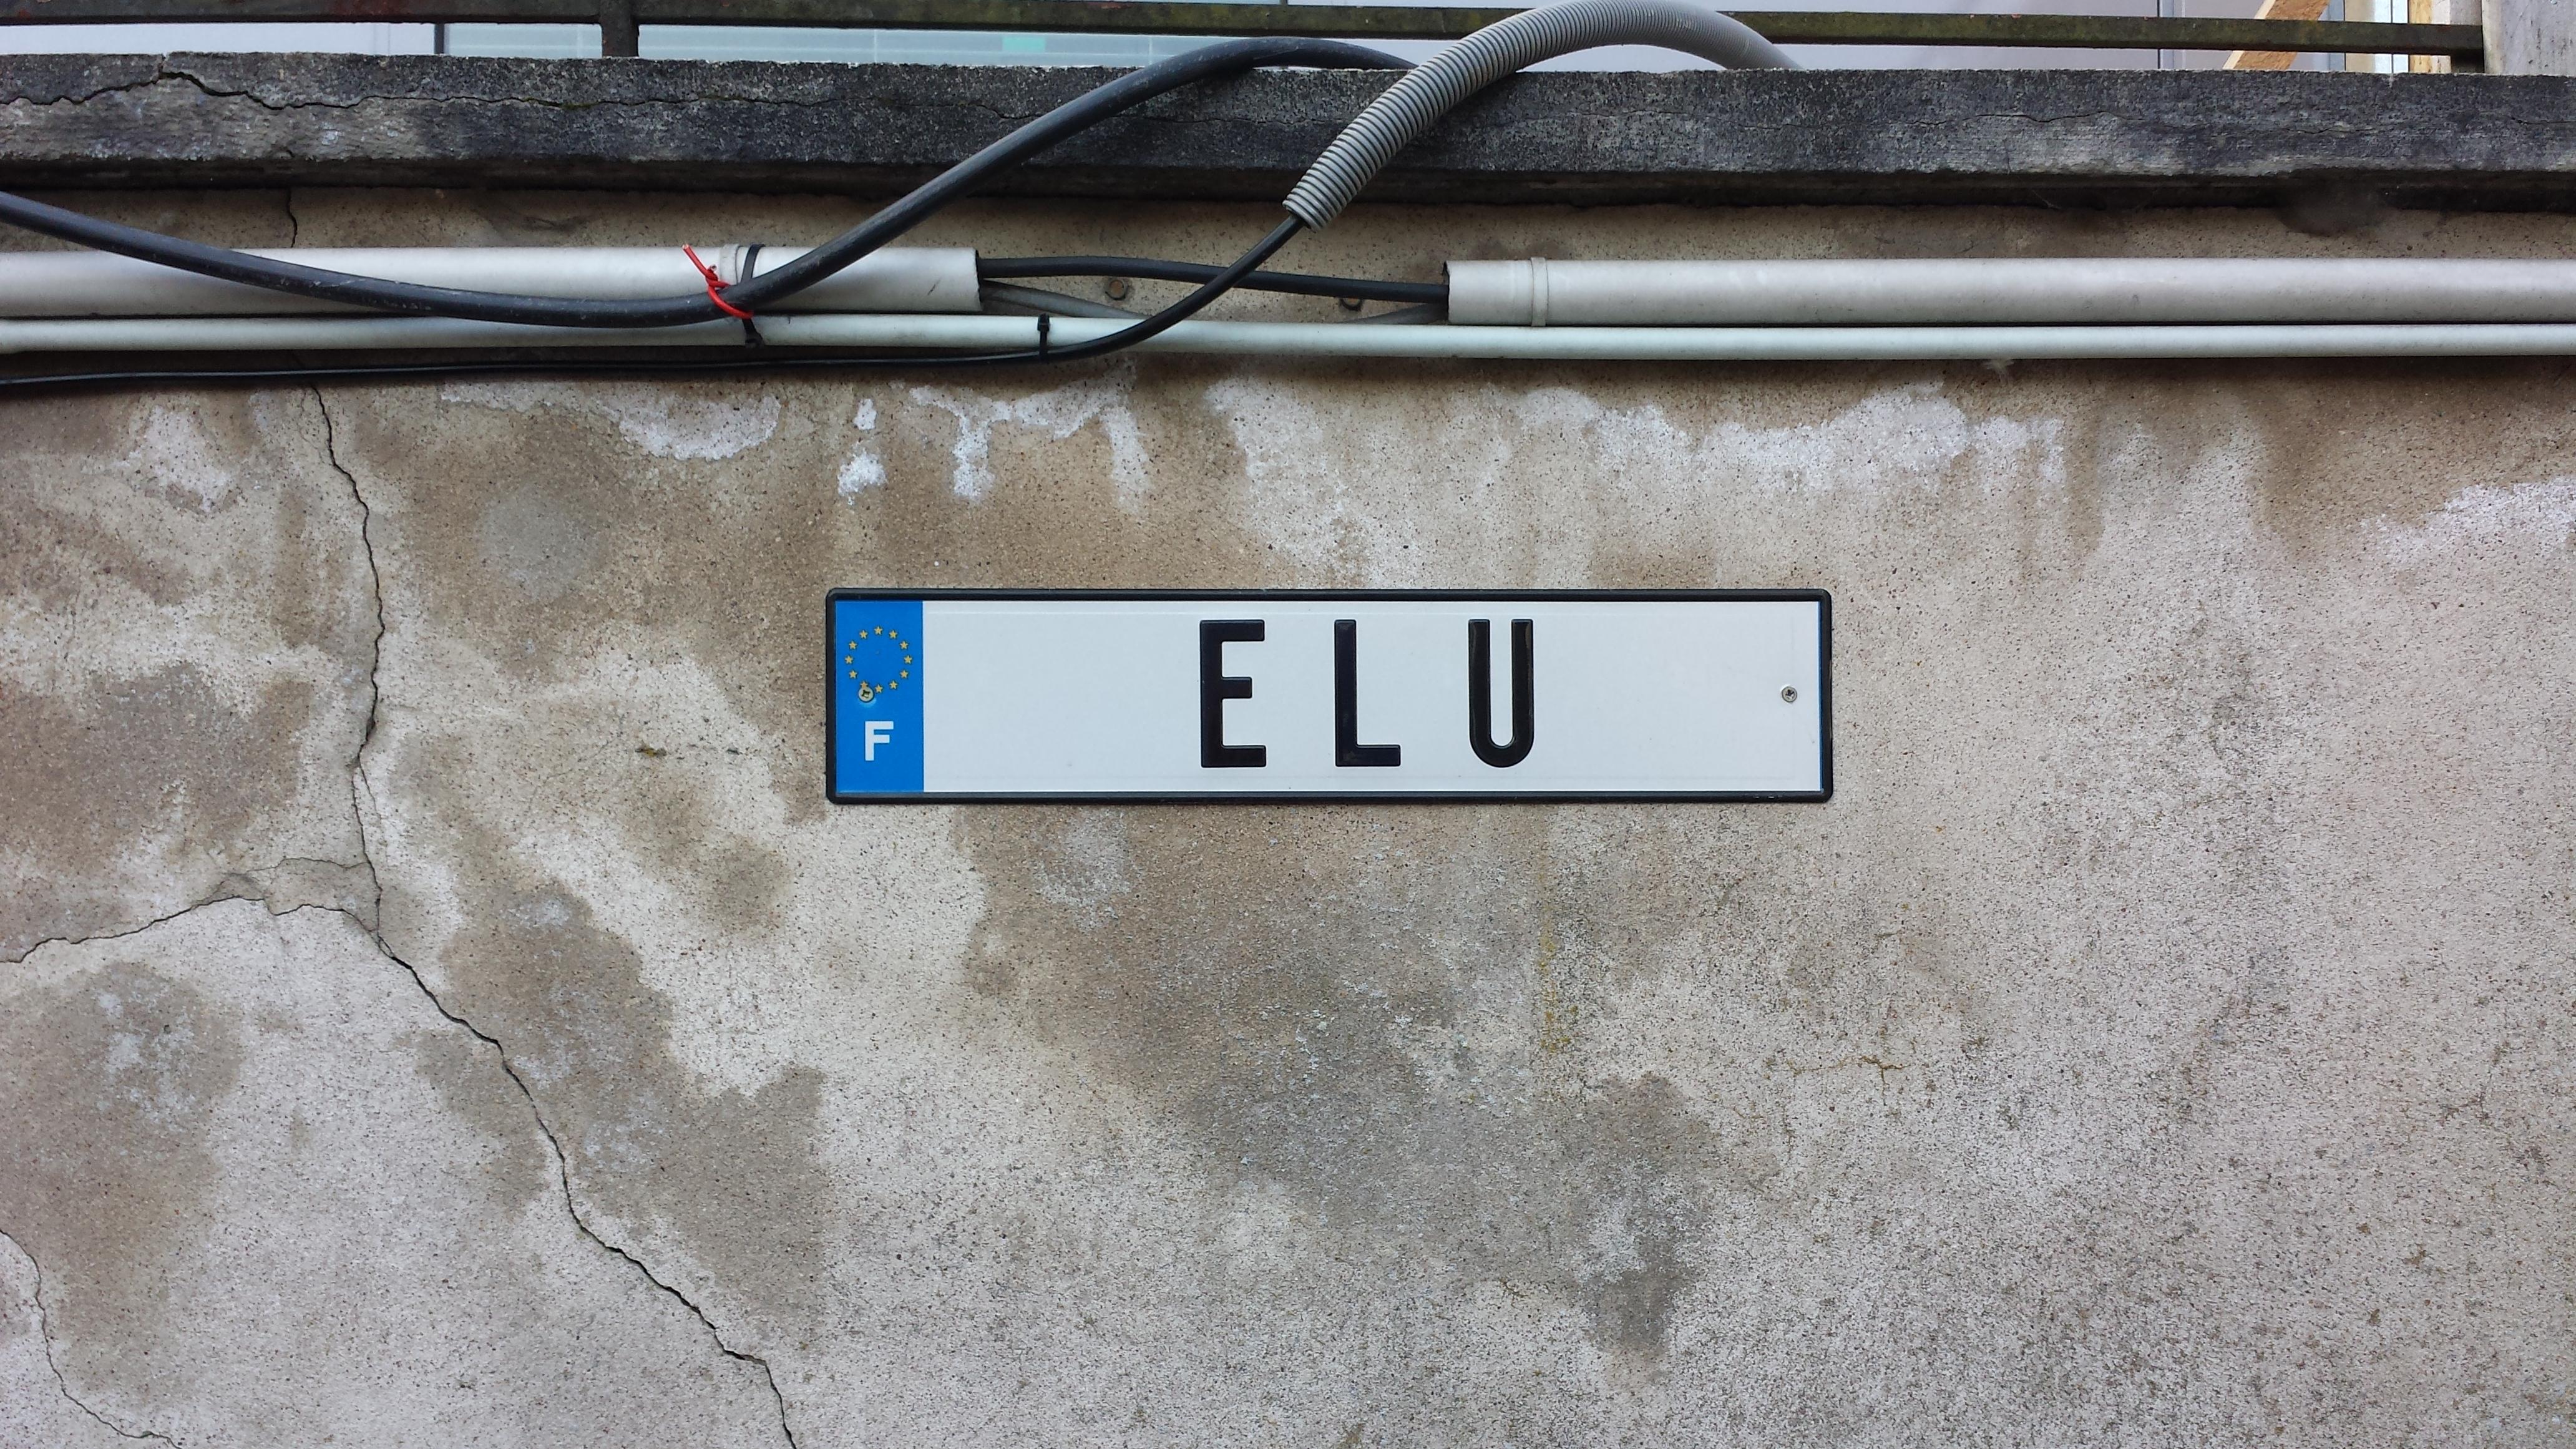 La place de parking du nouveau maire...